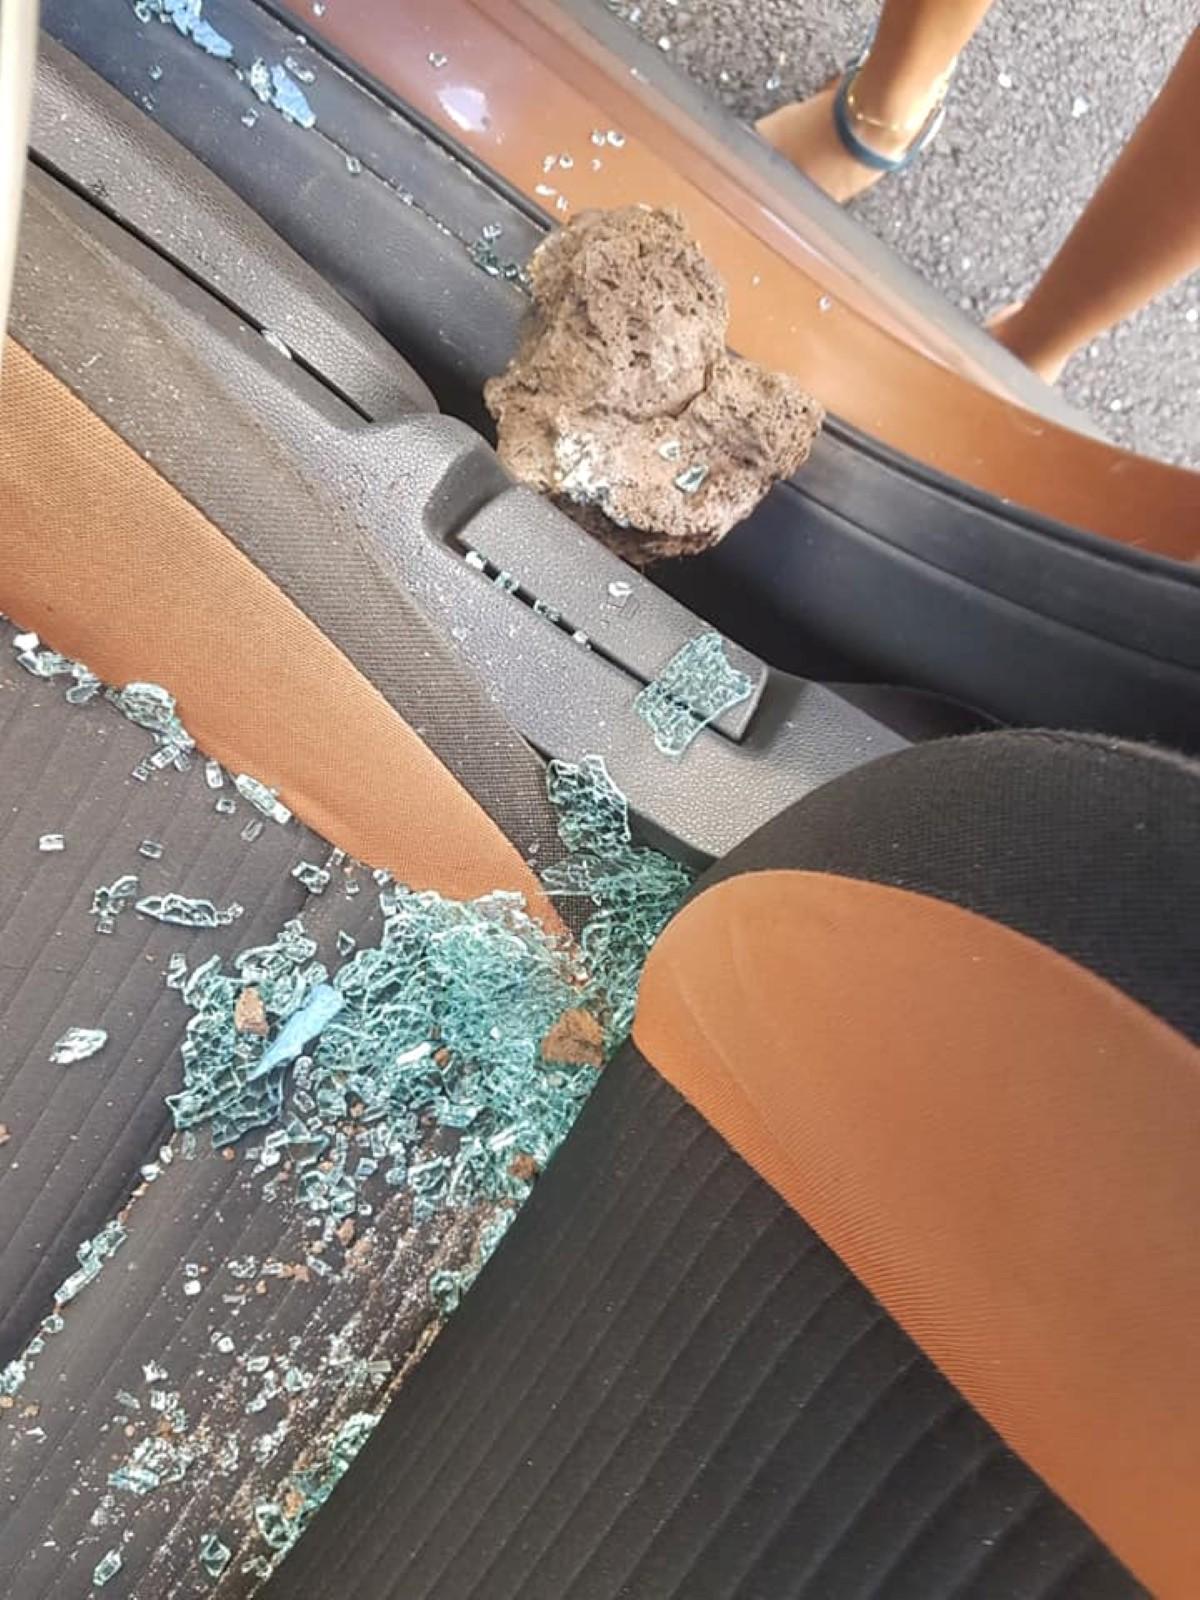 La vitre du côté conducteur a volé en éclat sous l'effet du choc.